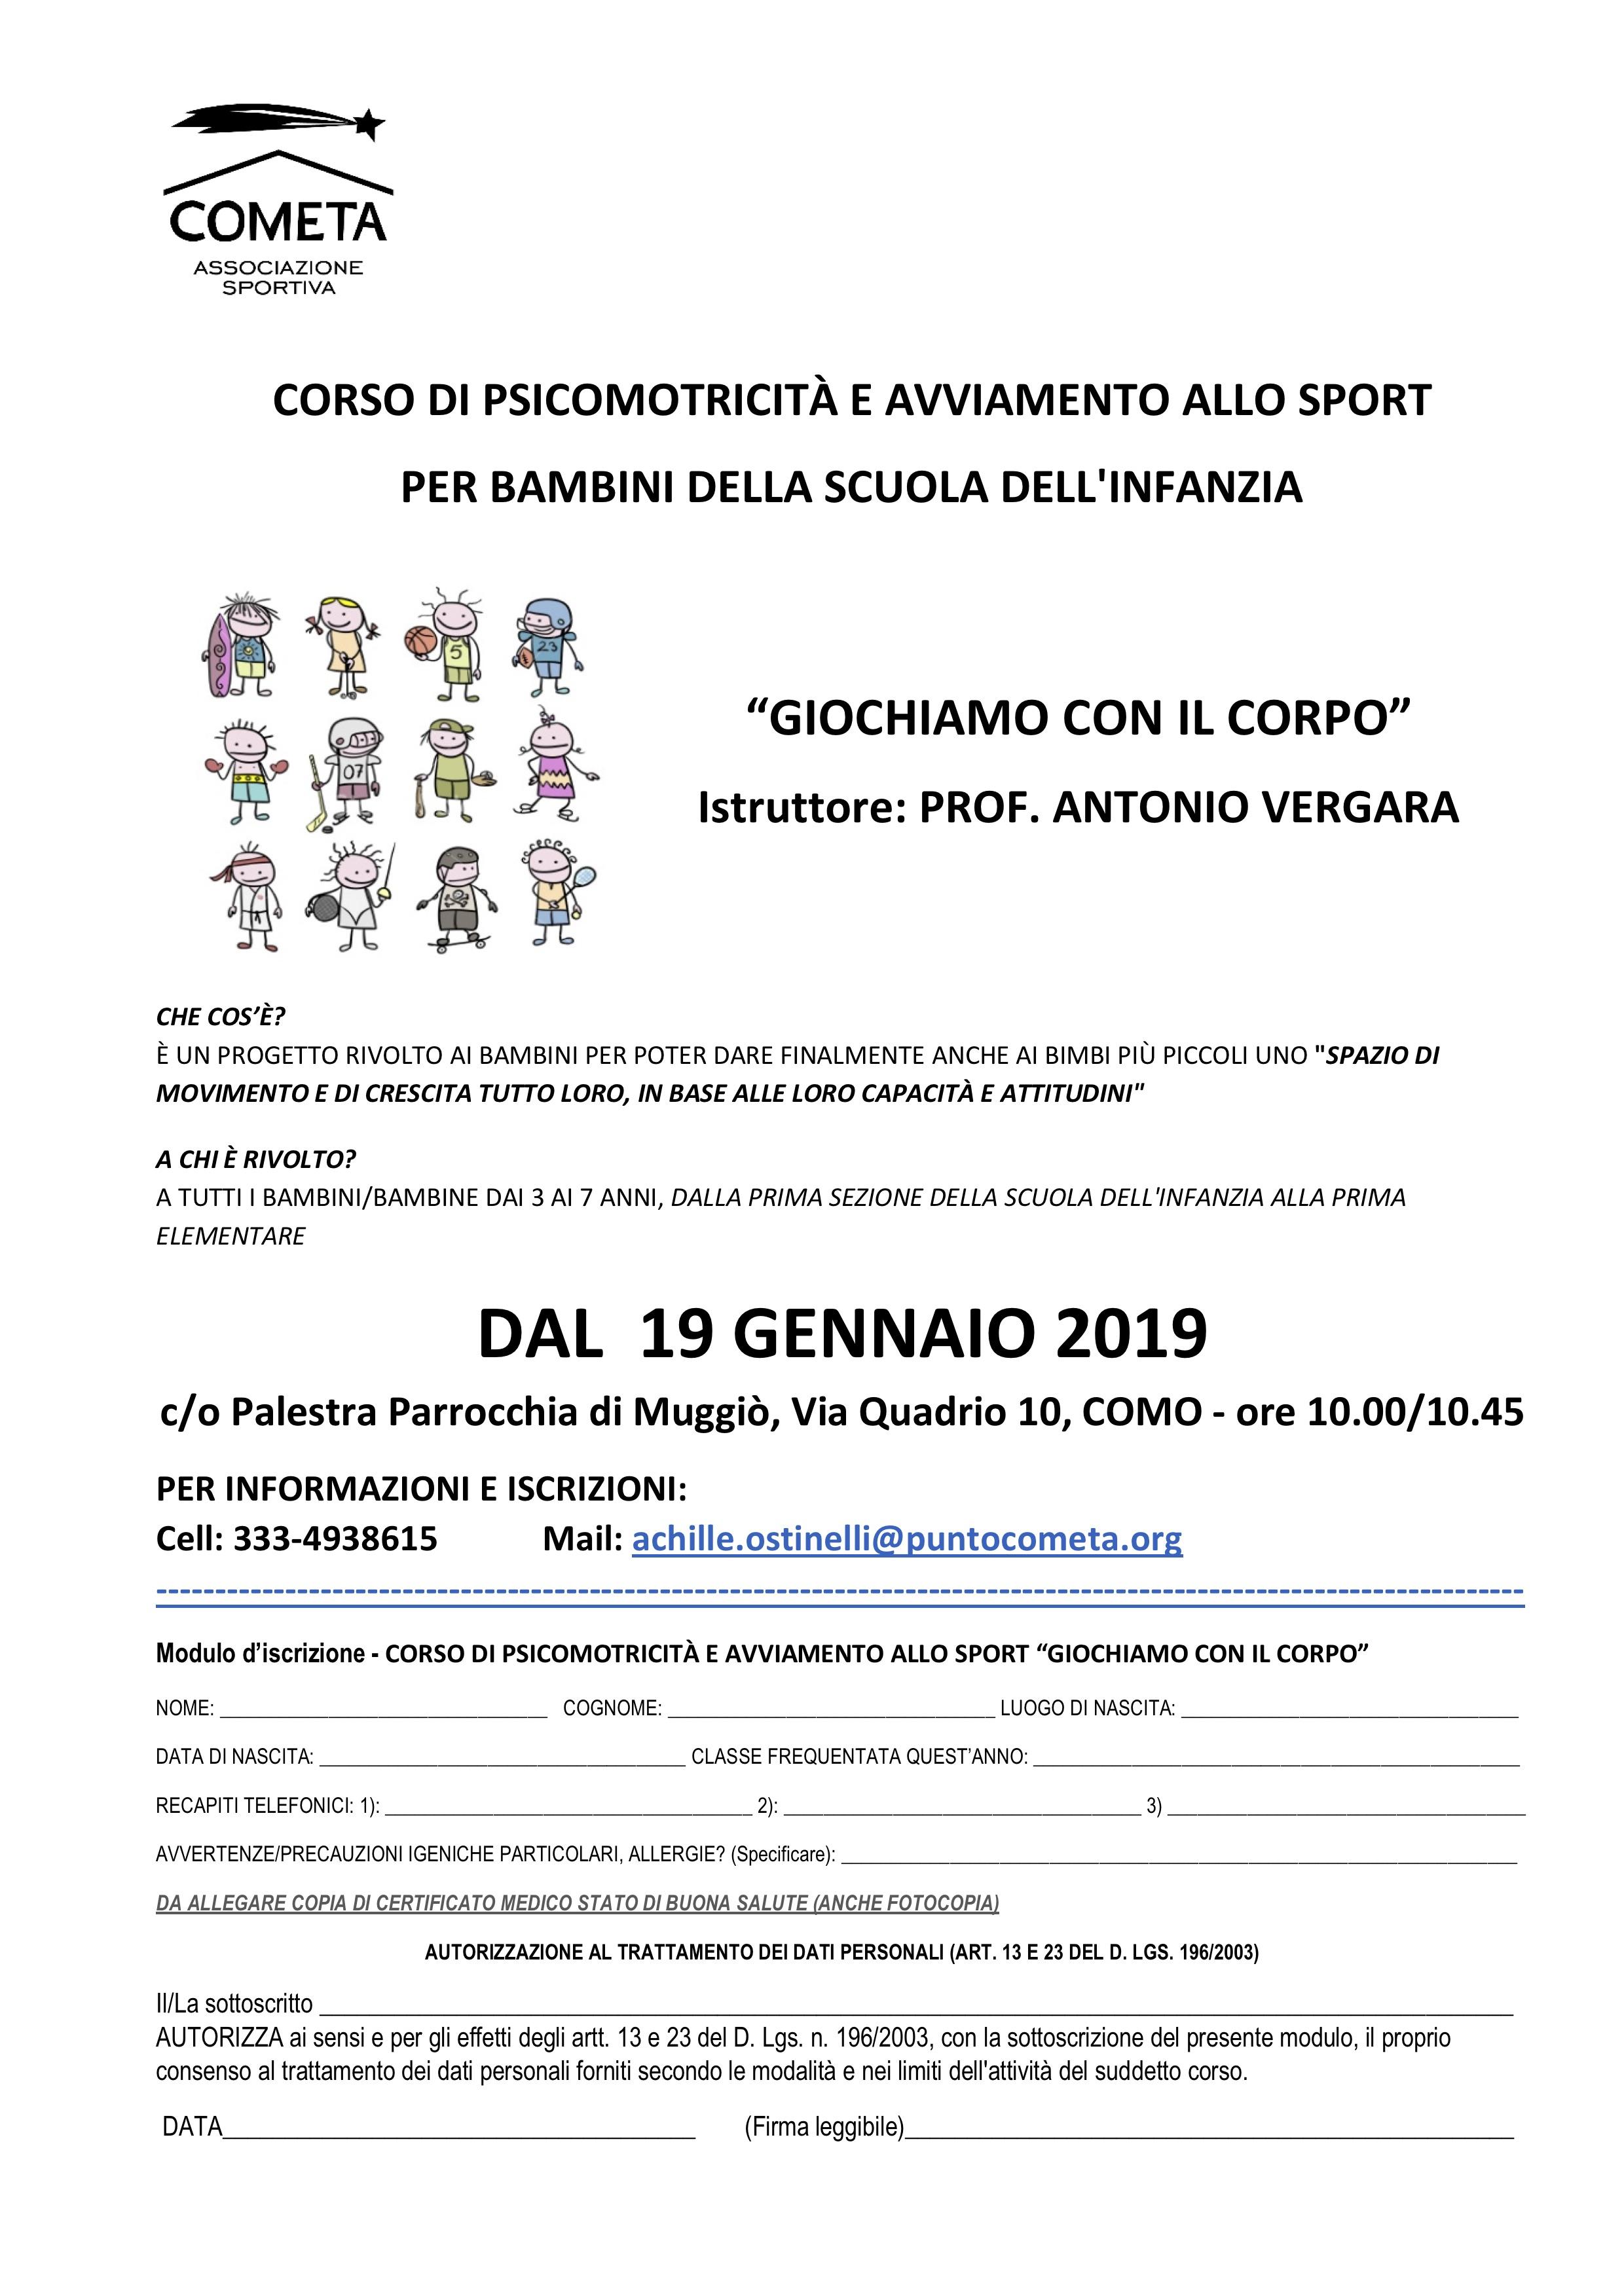 Volantino_corso_psicomotricità_2019